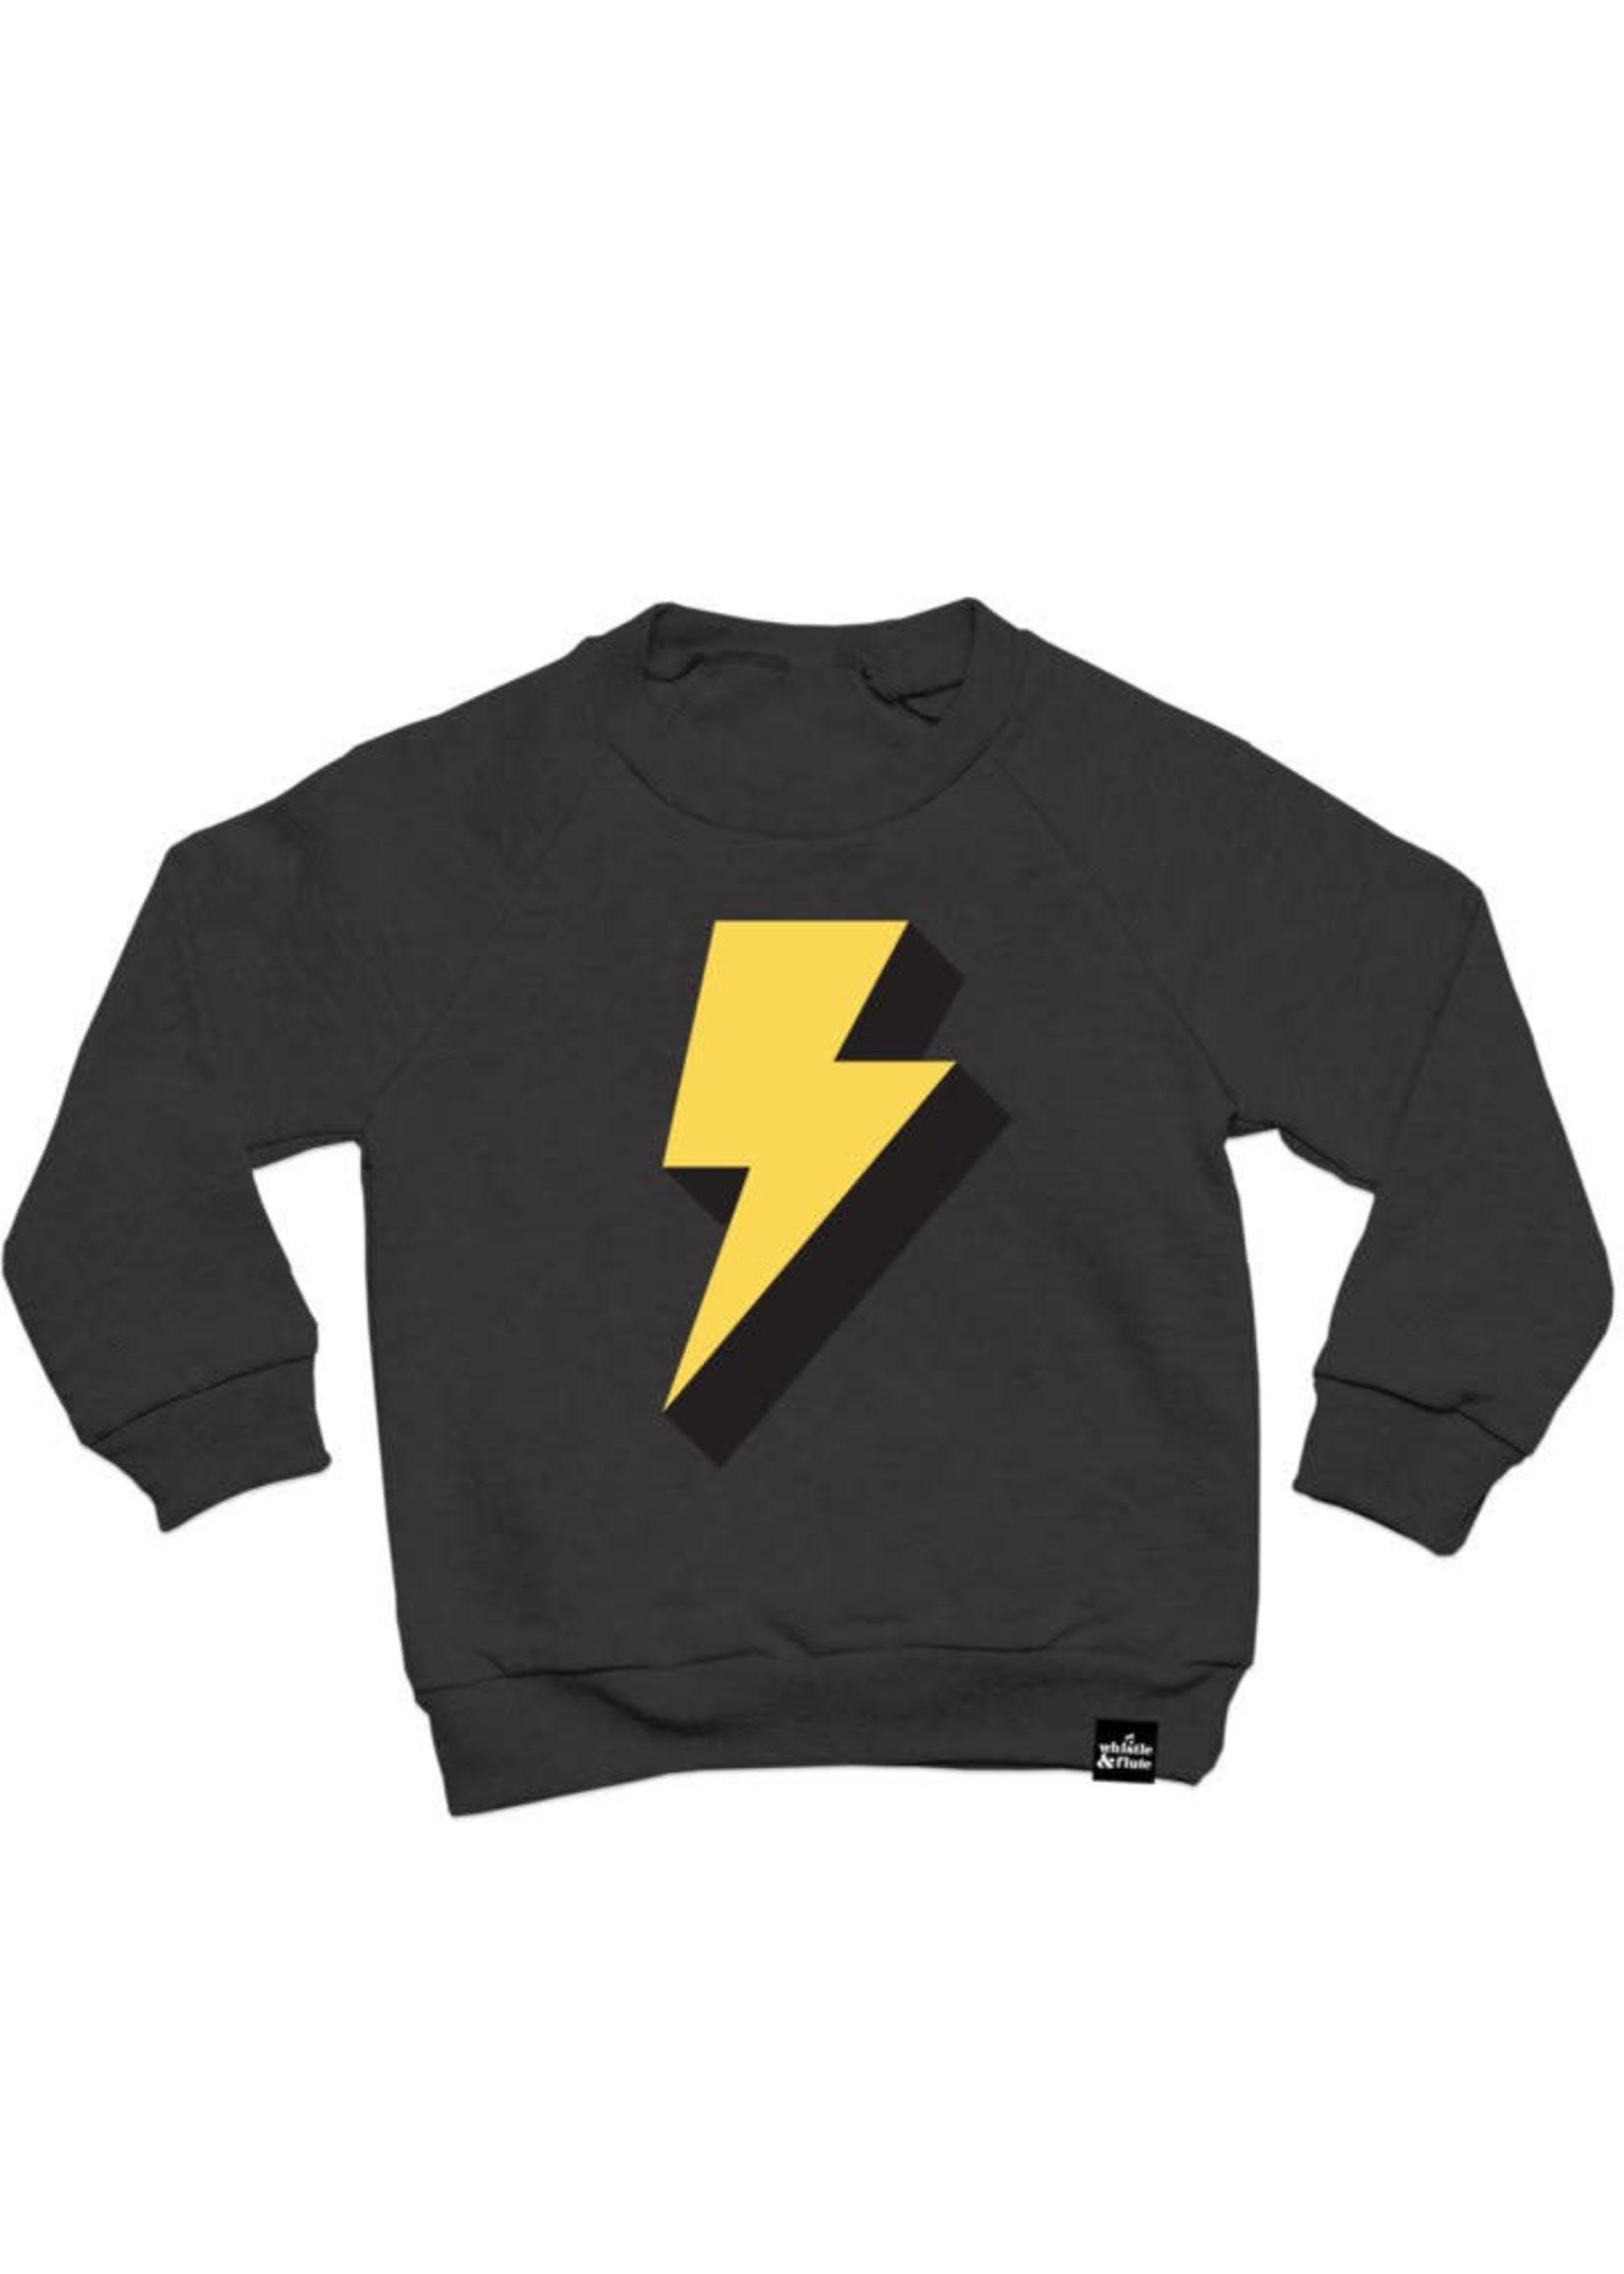 Whistle & Flute WF Lightning Bolt Sweater